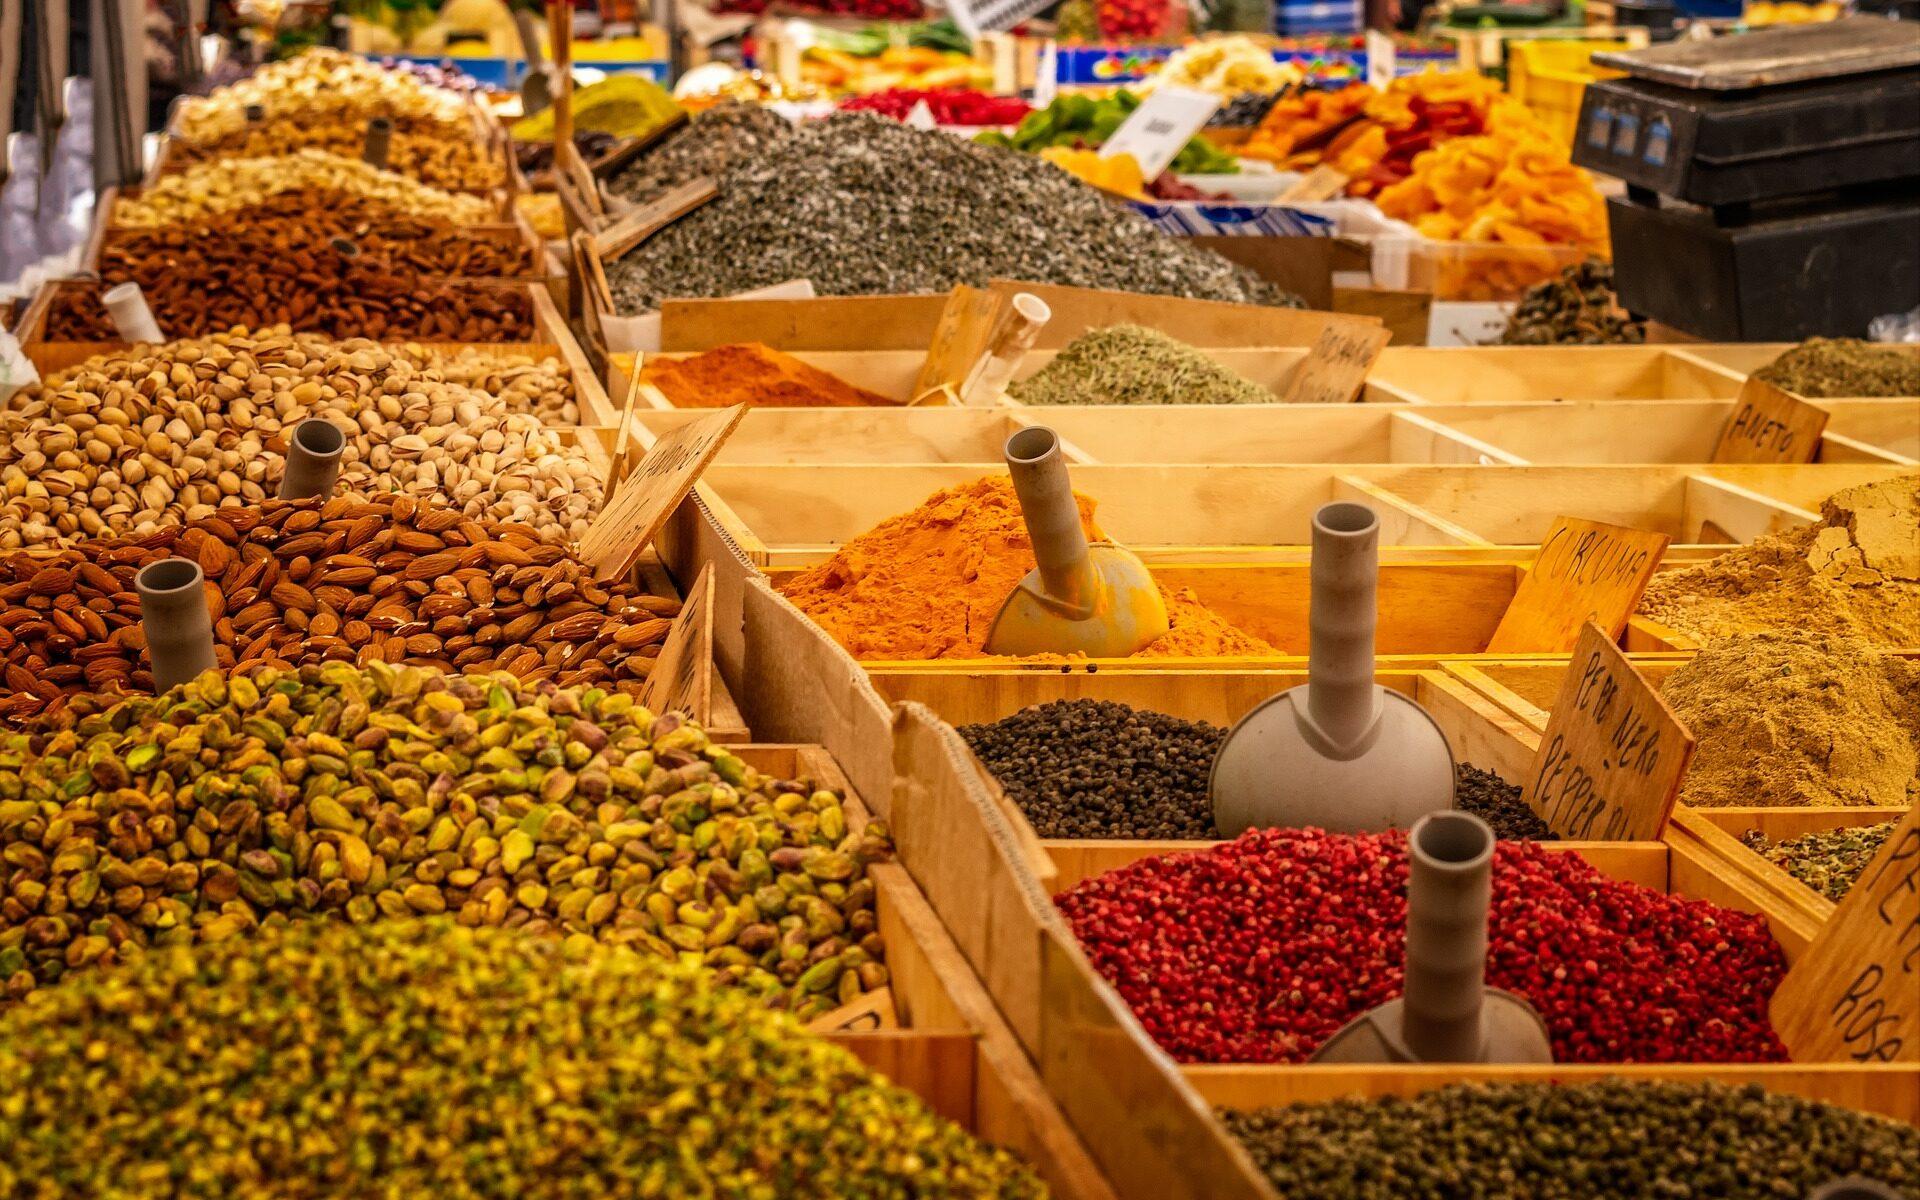 Mercado de Produtos Naturais